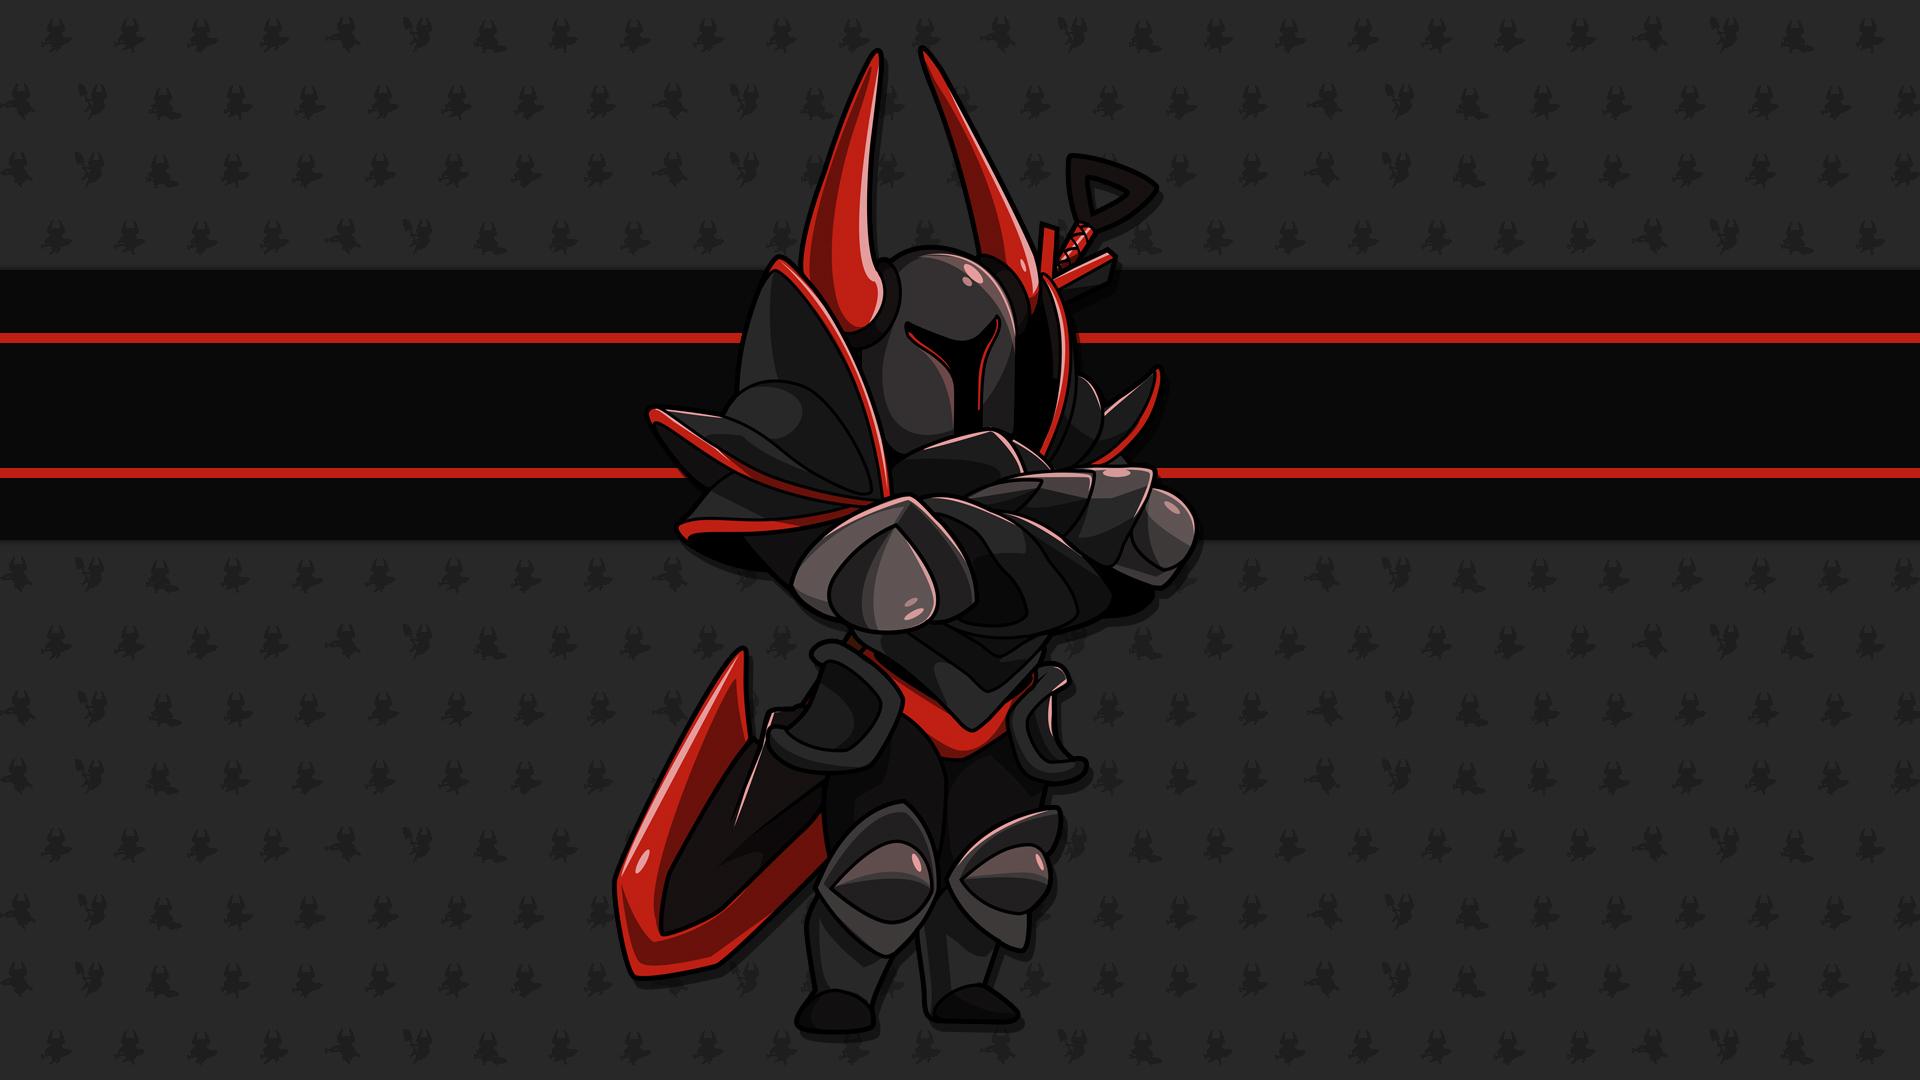 Black Knight Hd Sprite Wallpaper By Seraharcana On Deviantart